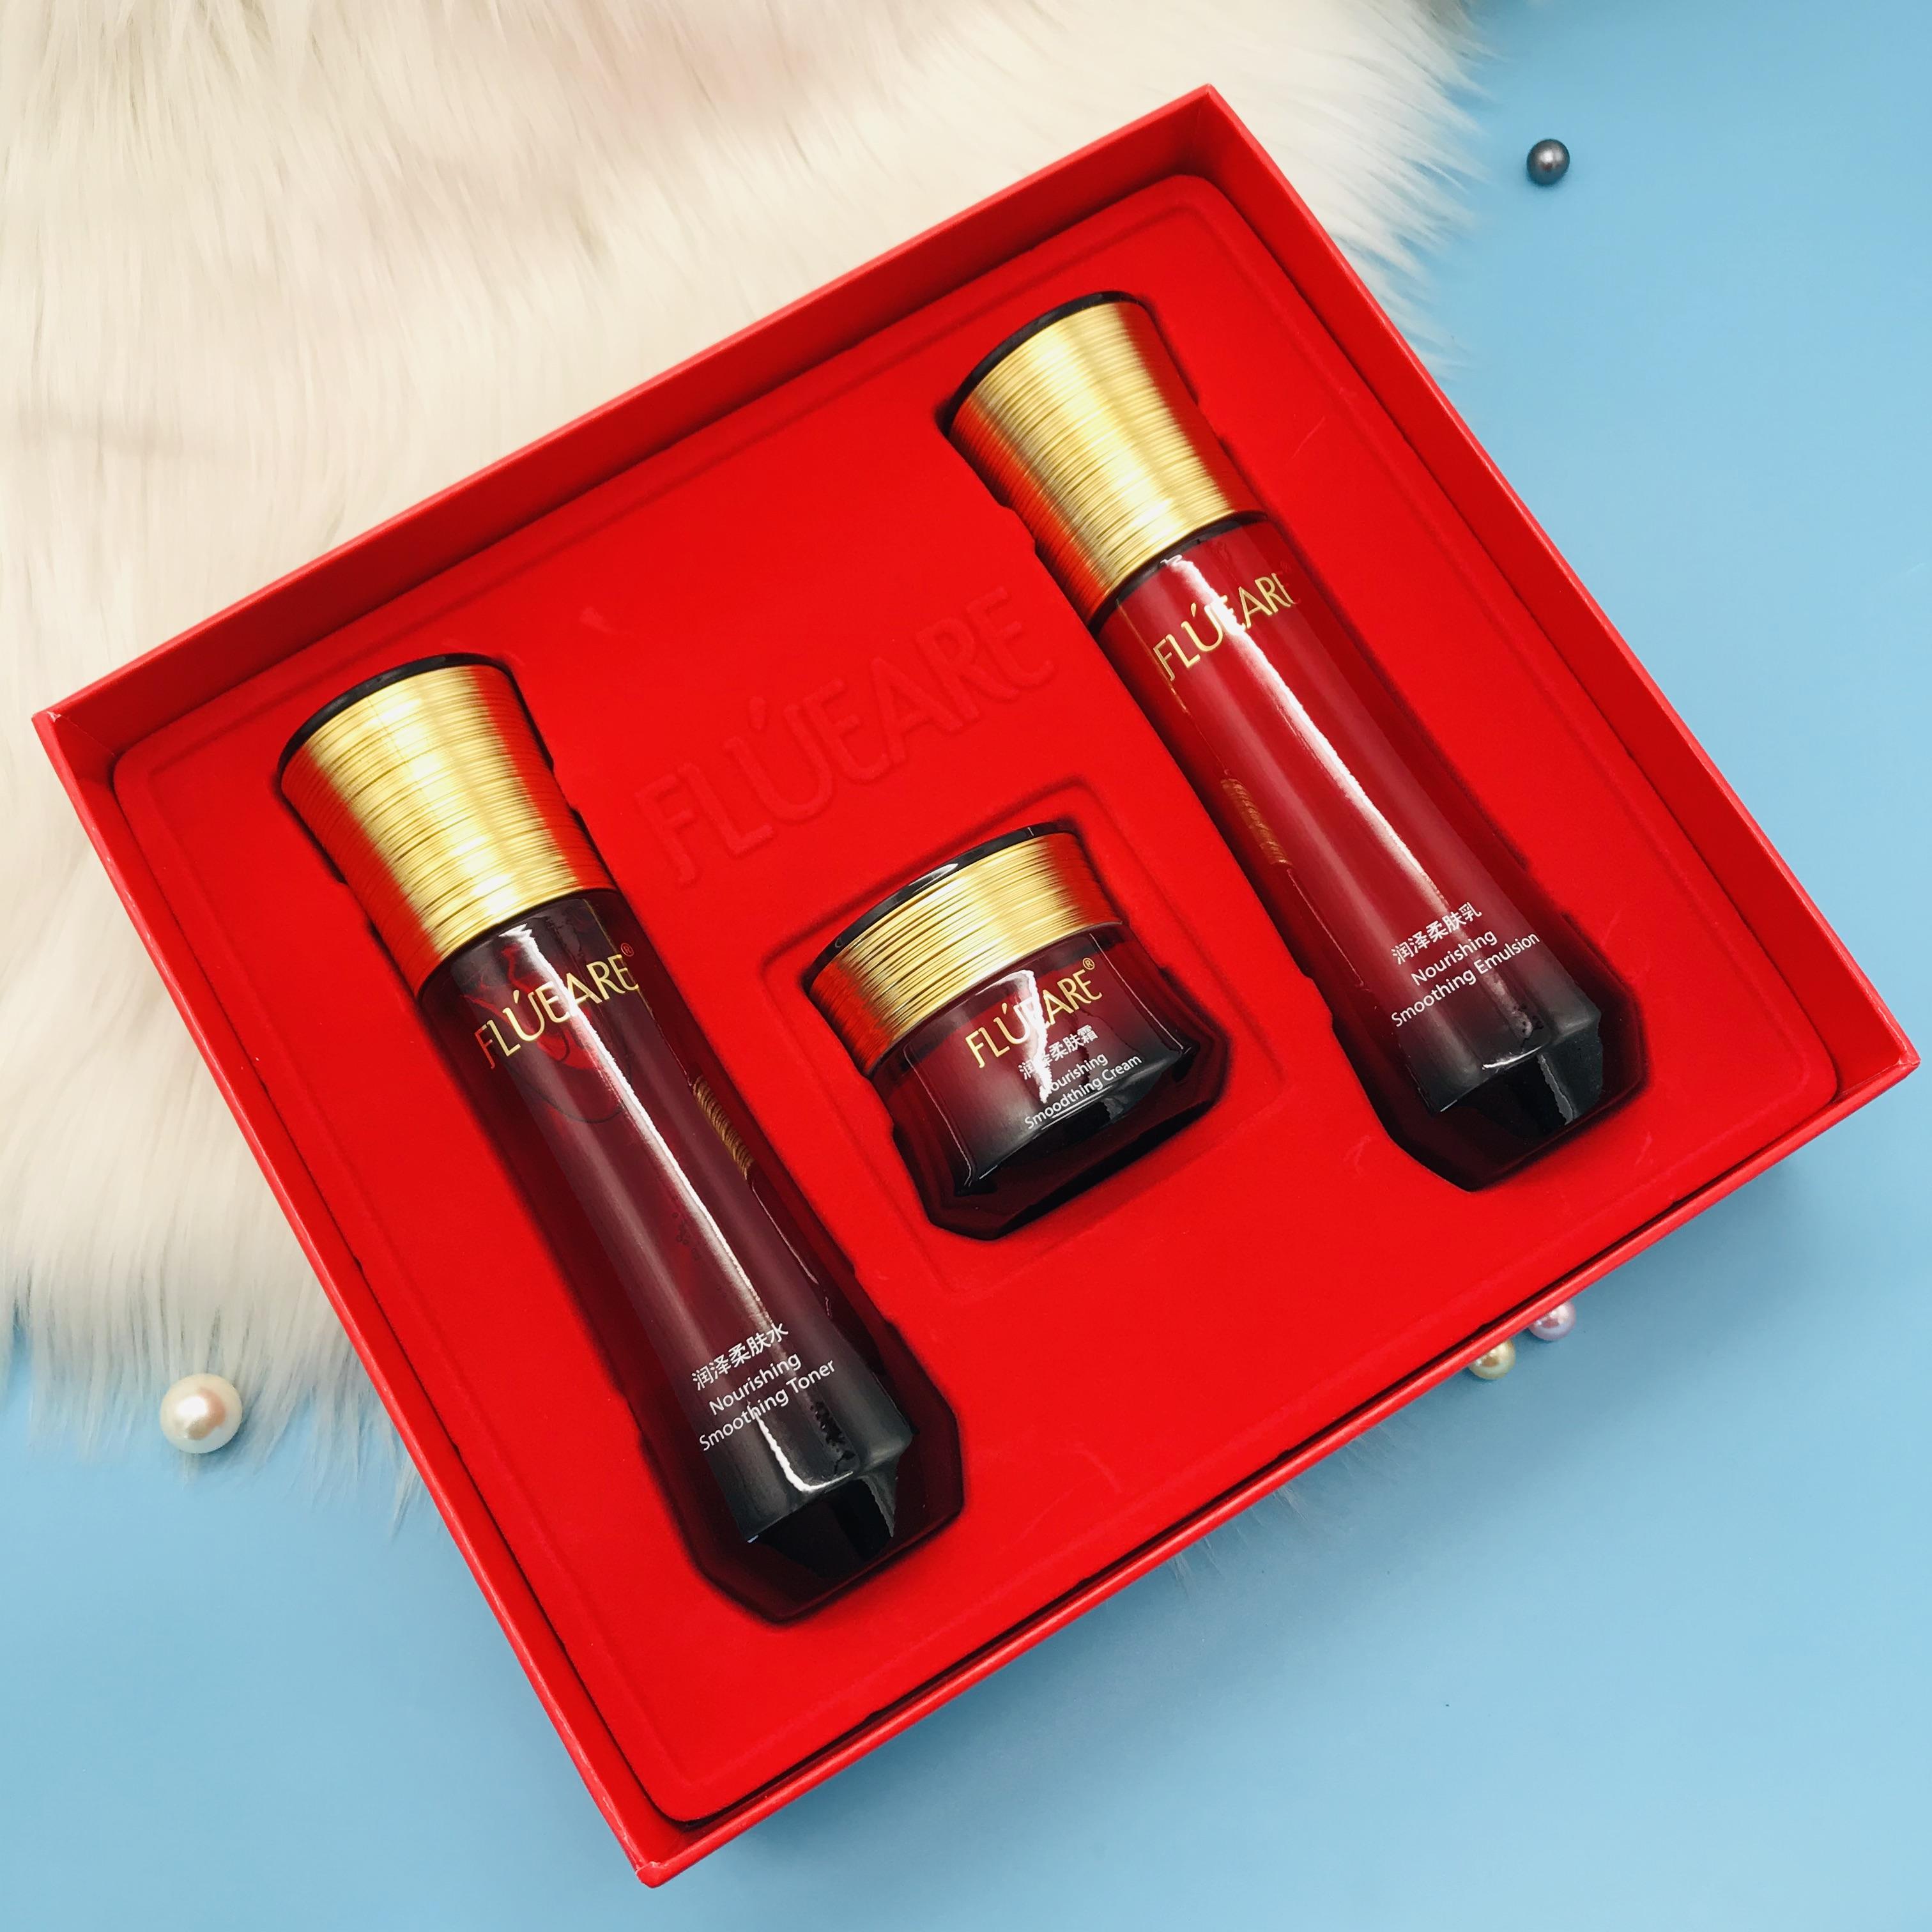 益盛汉参化妆品专柜正品菲露爱尔润泽柔肤三件套保湿滋润修护礼盒